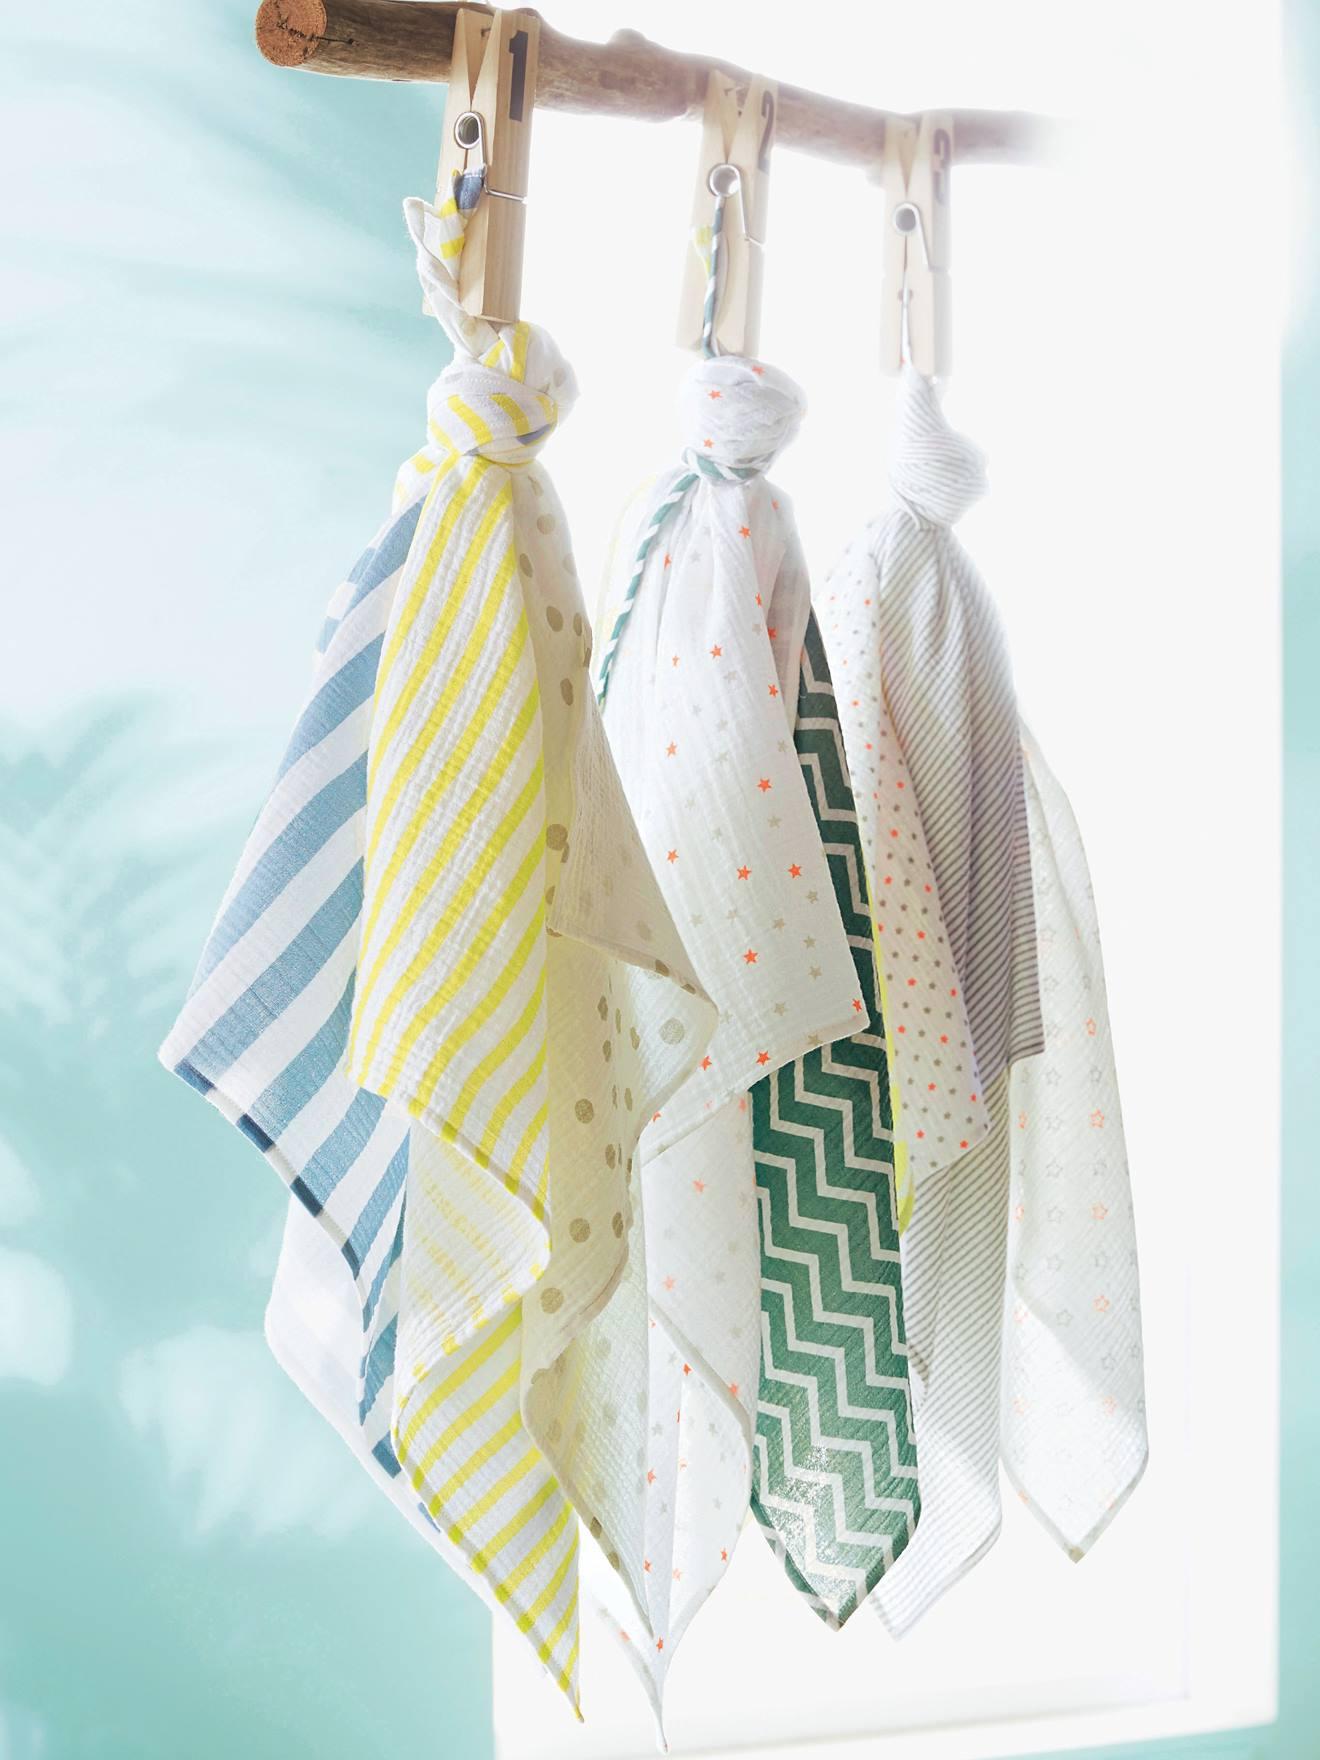 bd74e0fa4a Lote de 3 paños de bebé multicolor rayas y lunares - Vertbaudet